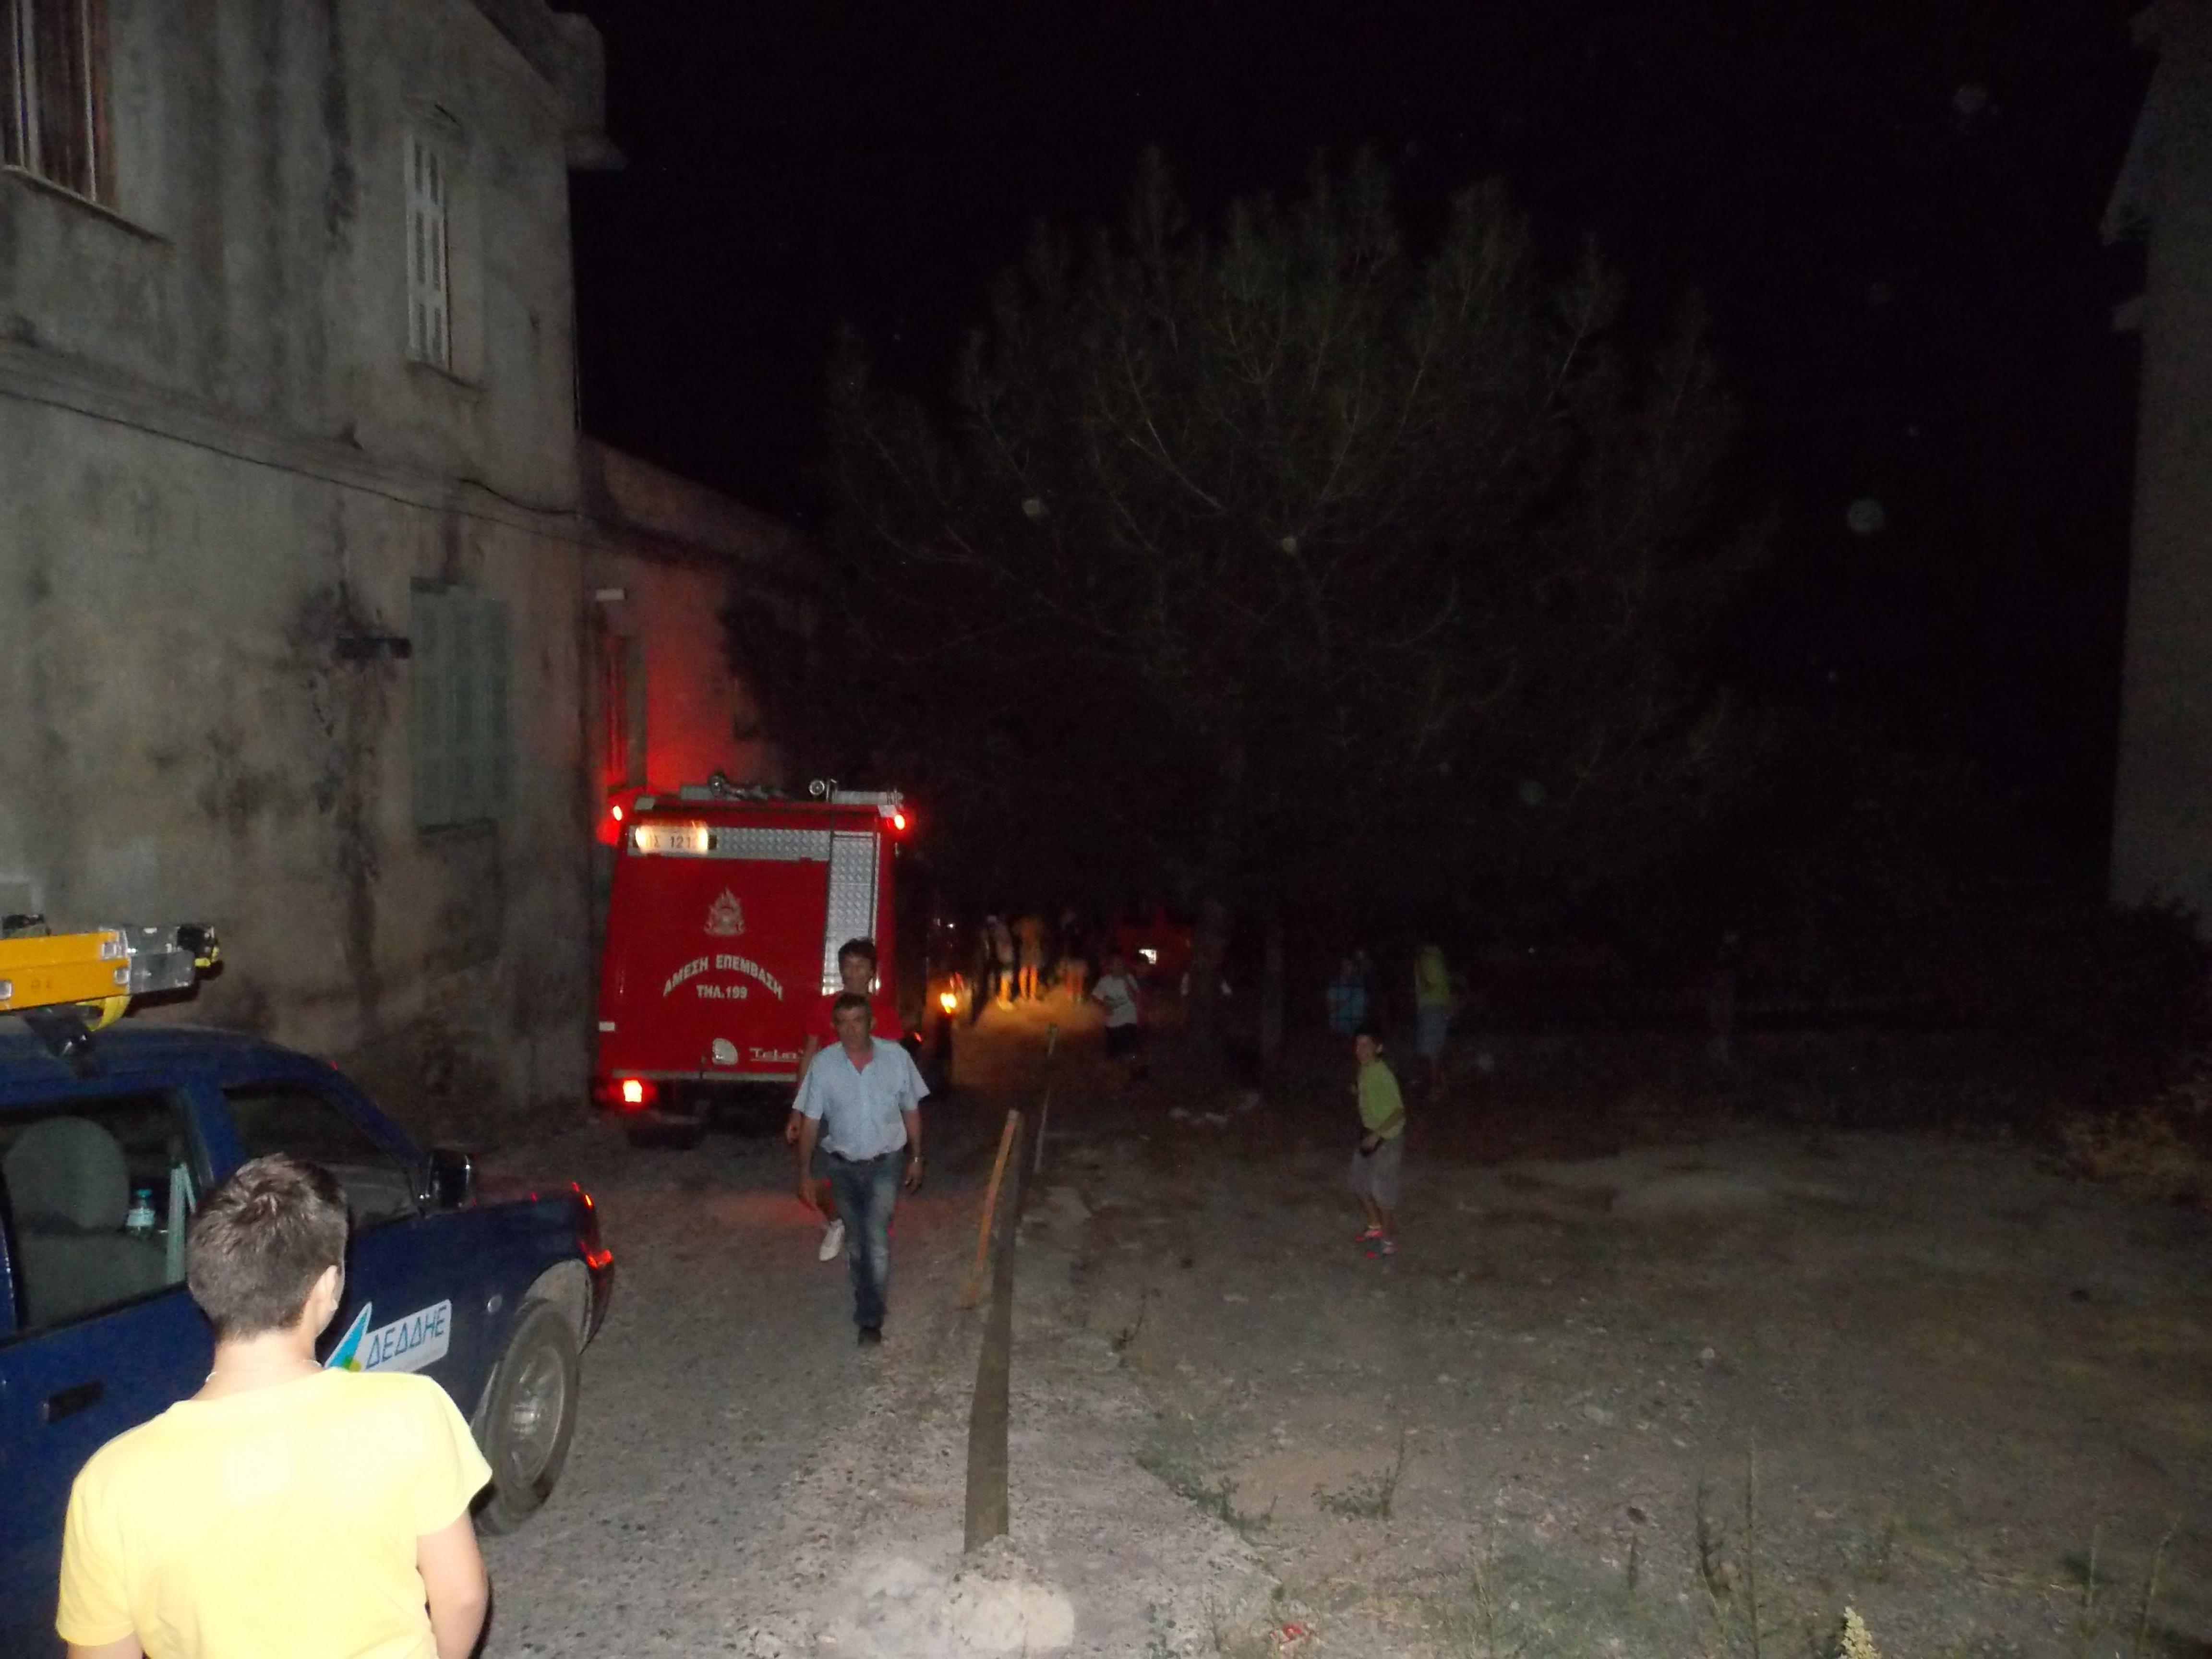 Συναγερμός για βραχυκύκλωμα σε σπίτι στην Αγίου Κωνσταντίνου(φωτο)